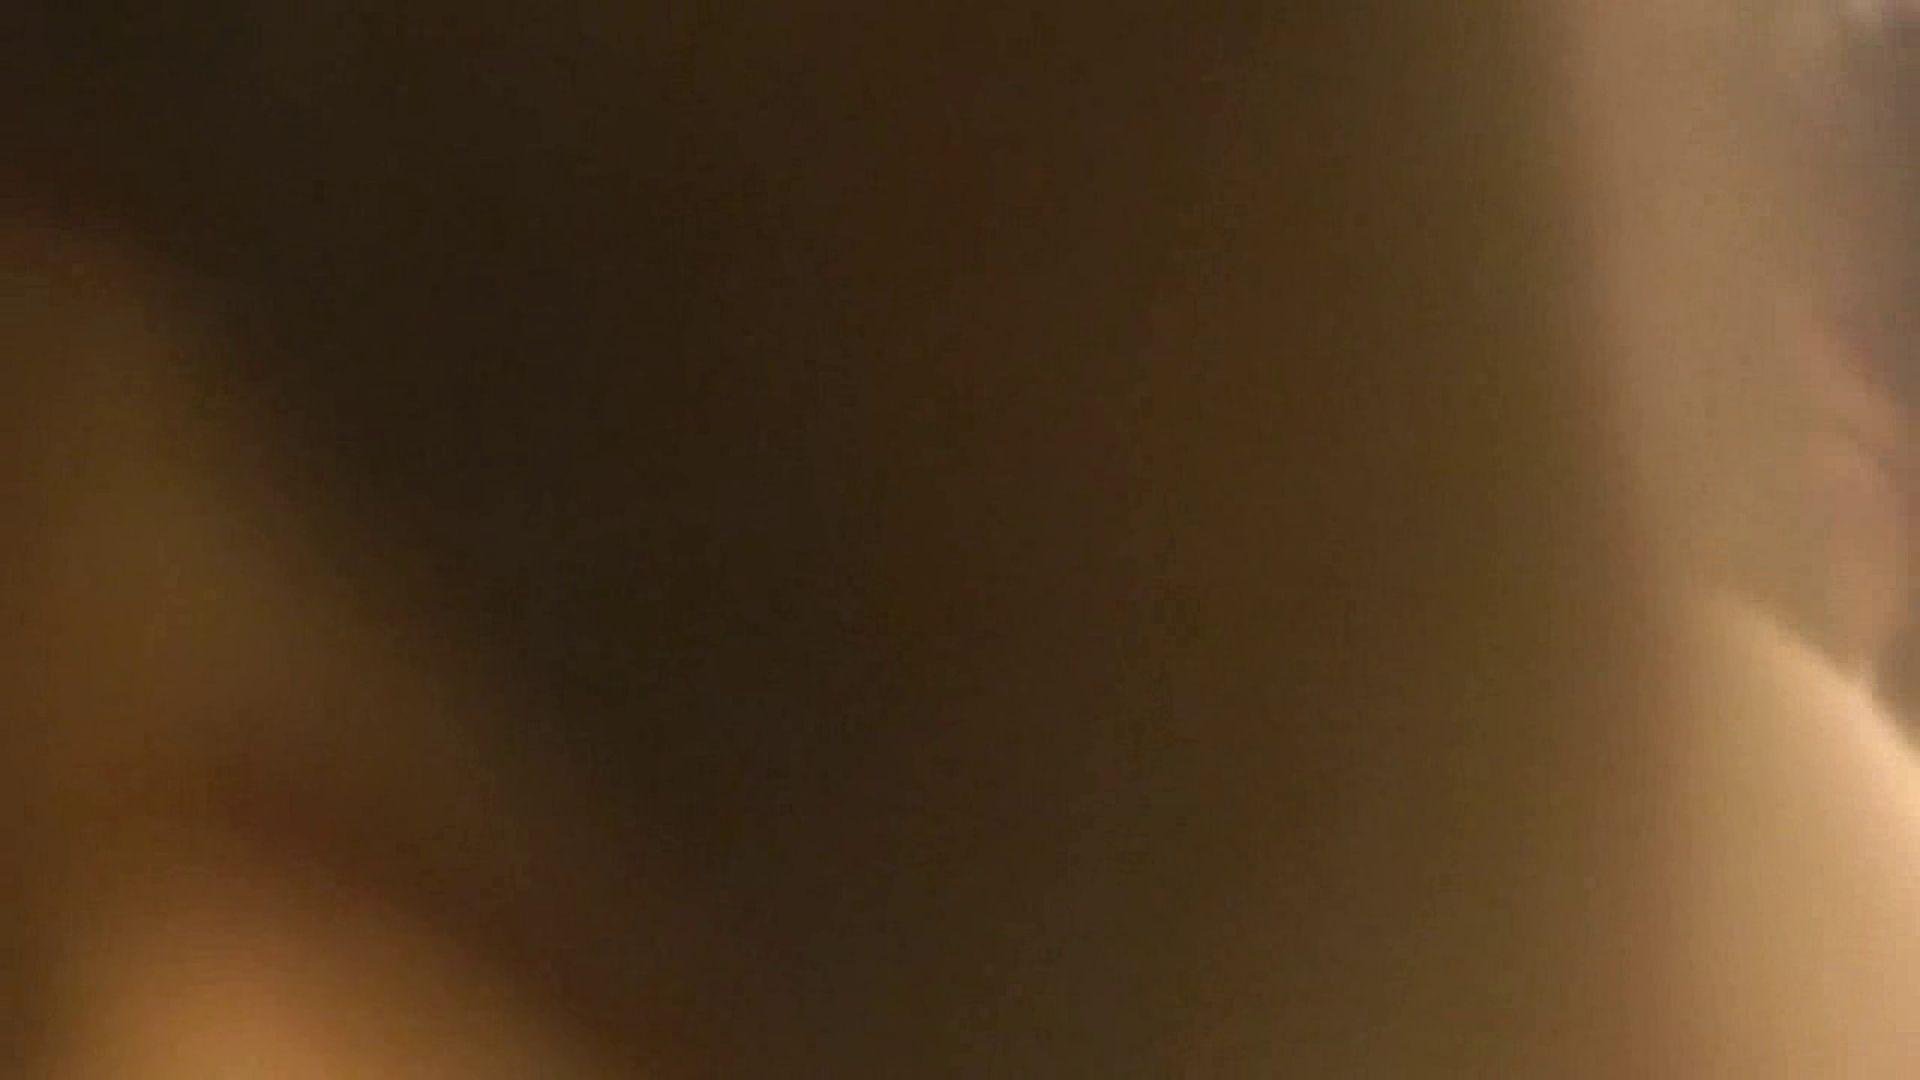 vol.1 Mayumi 窓越しに入浴シーン撮影に成功 OL   入浴シーン  89連発 33